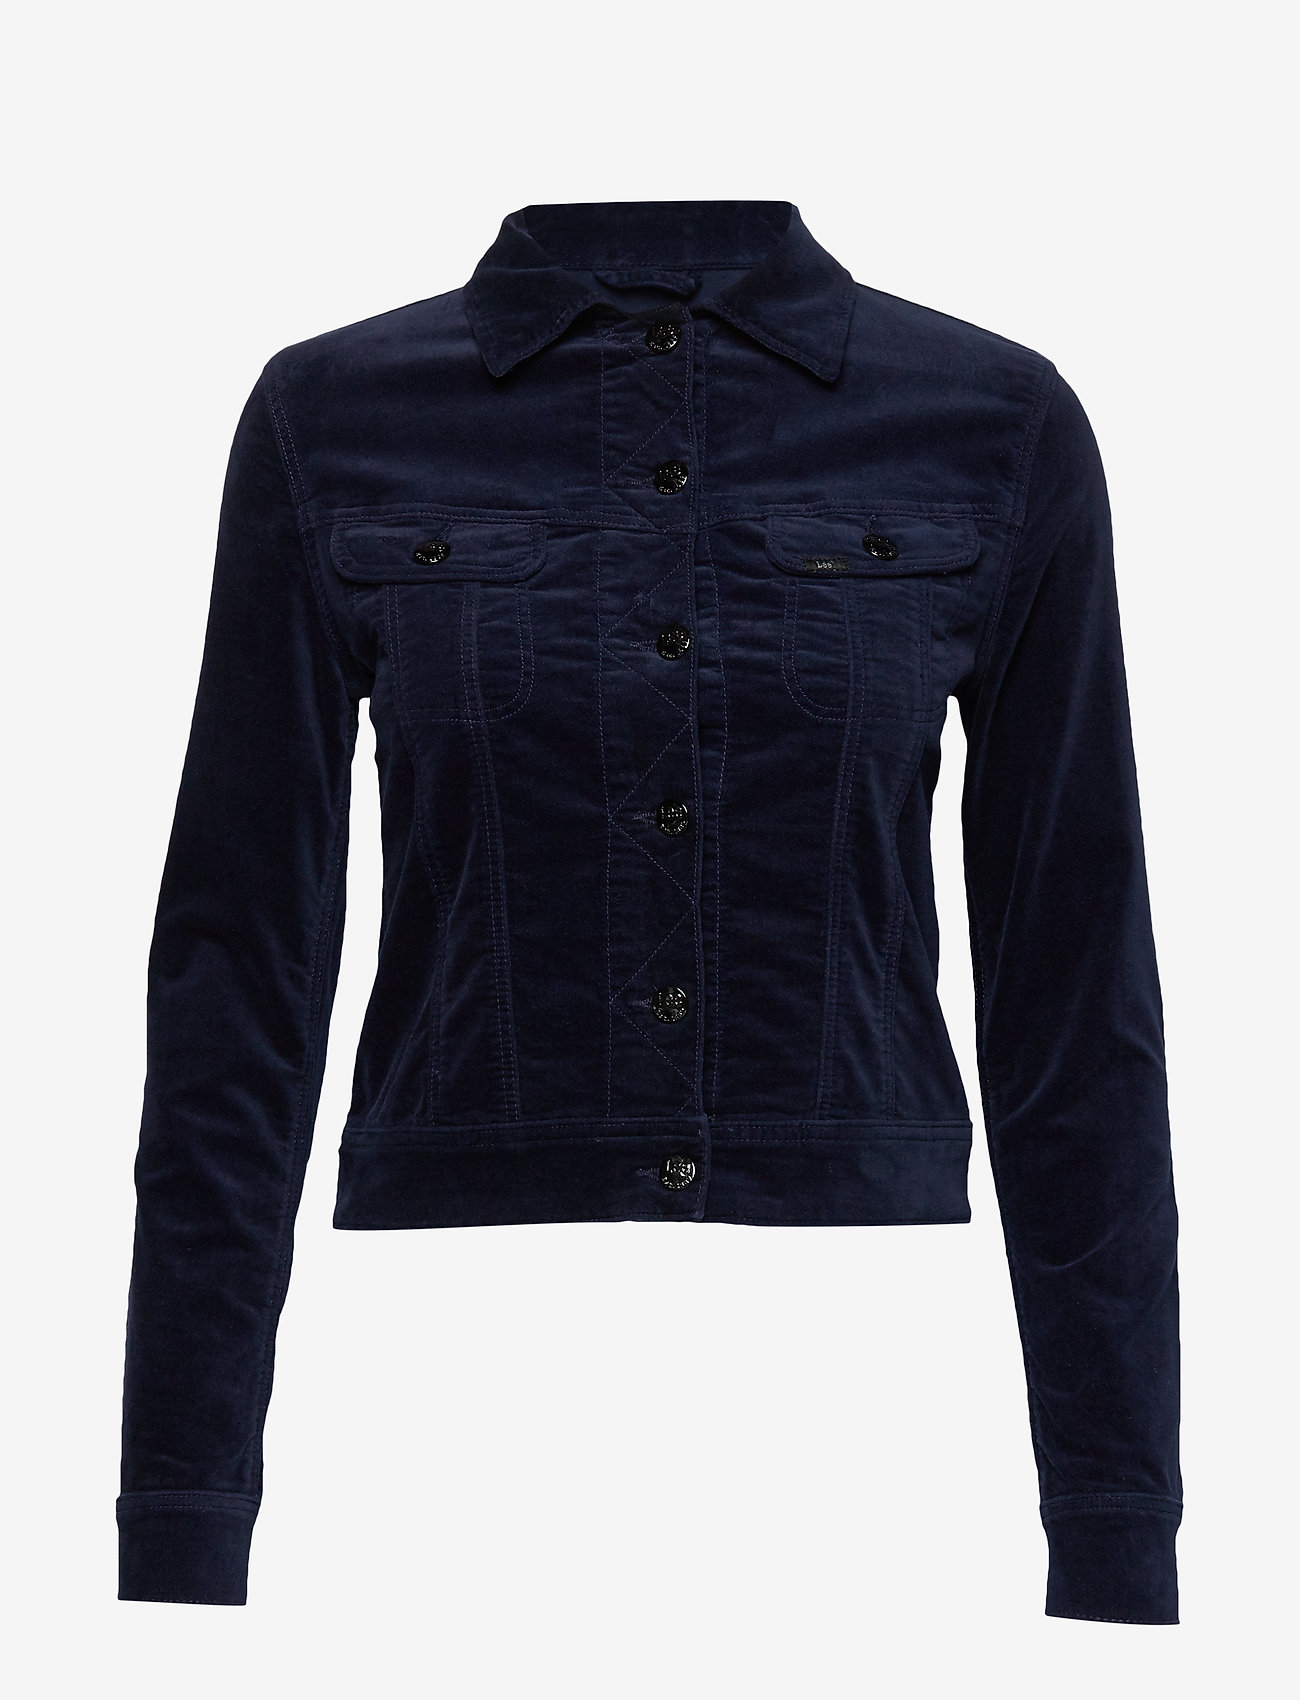 Lee Jeans - SLIM RIDER - jeansjakker - midnight velvet - 0